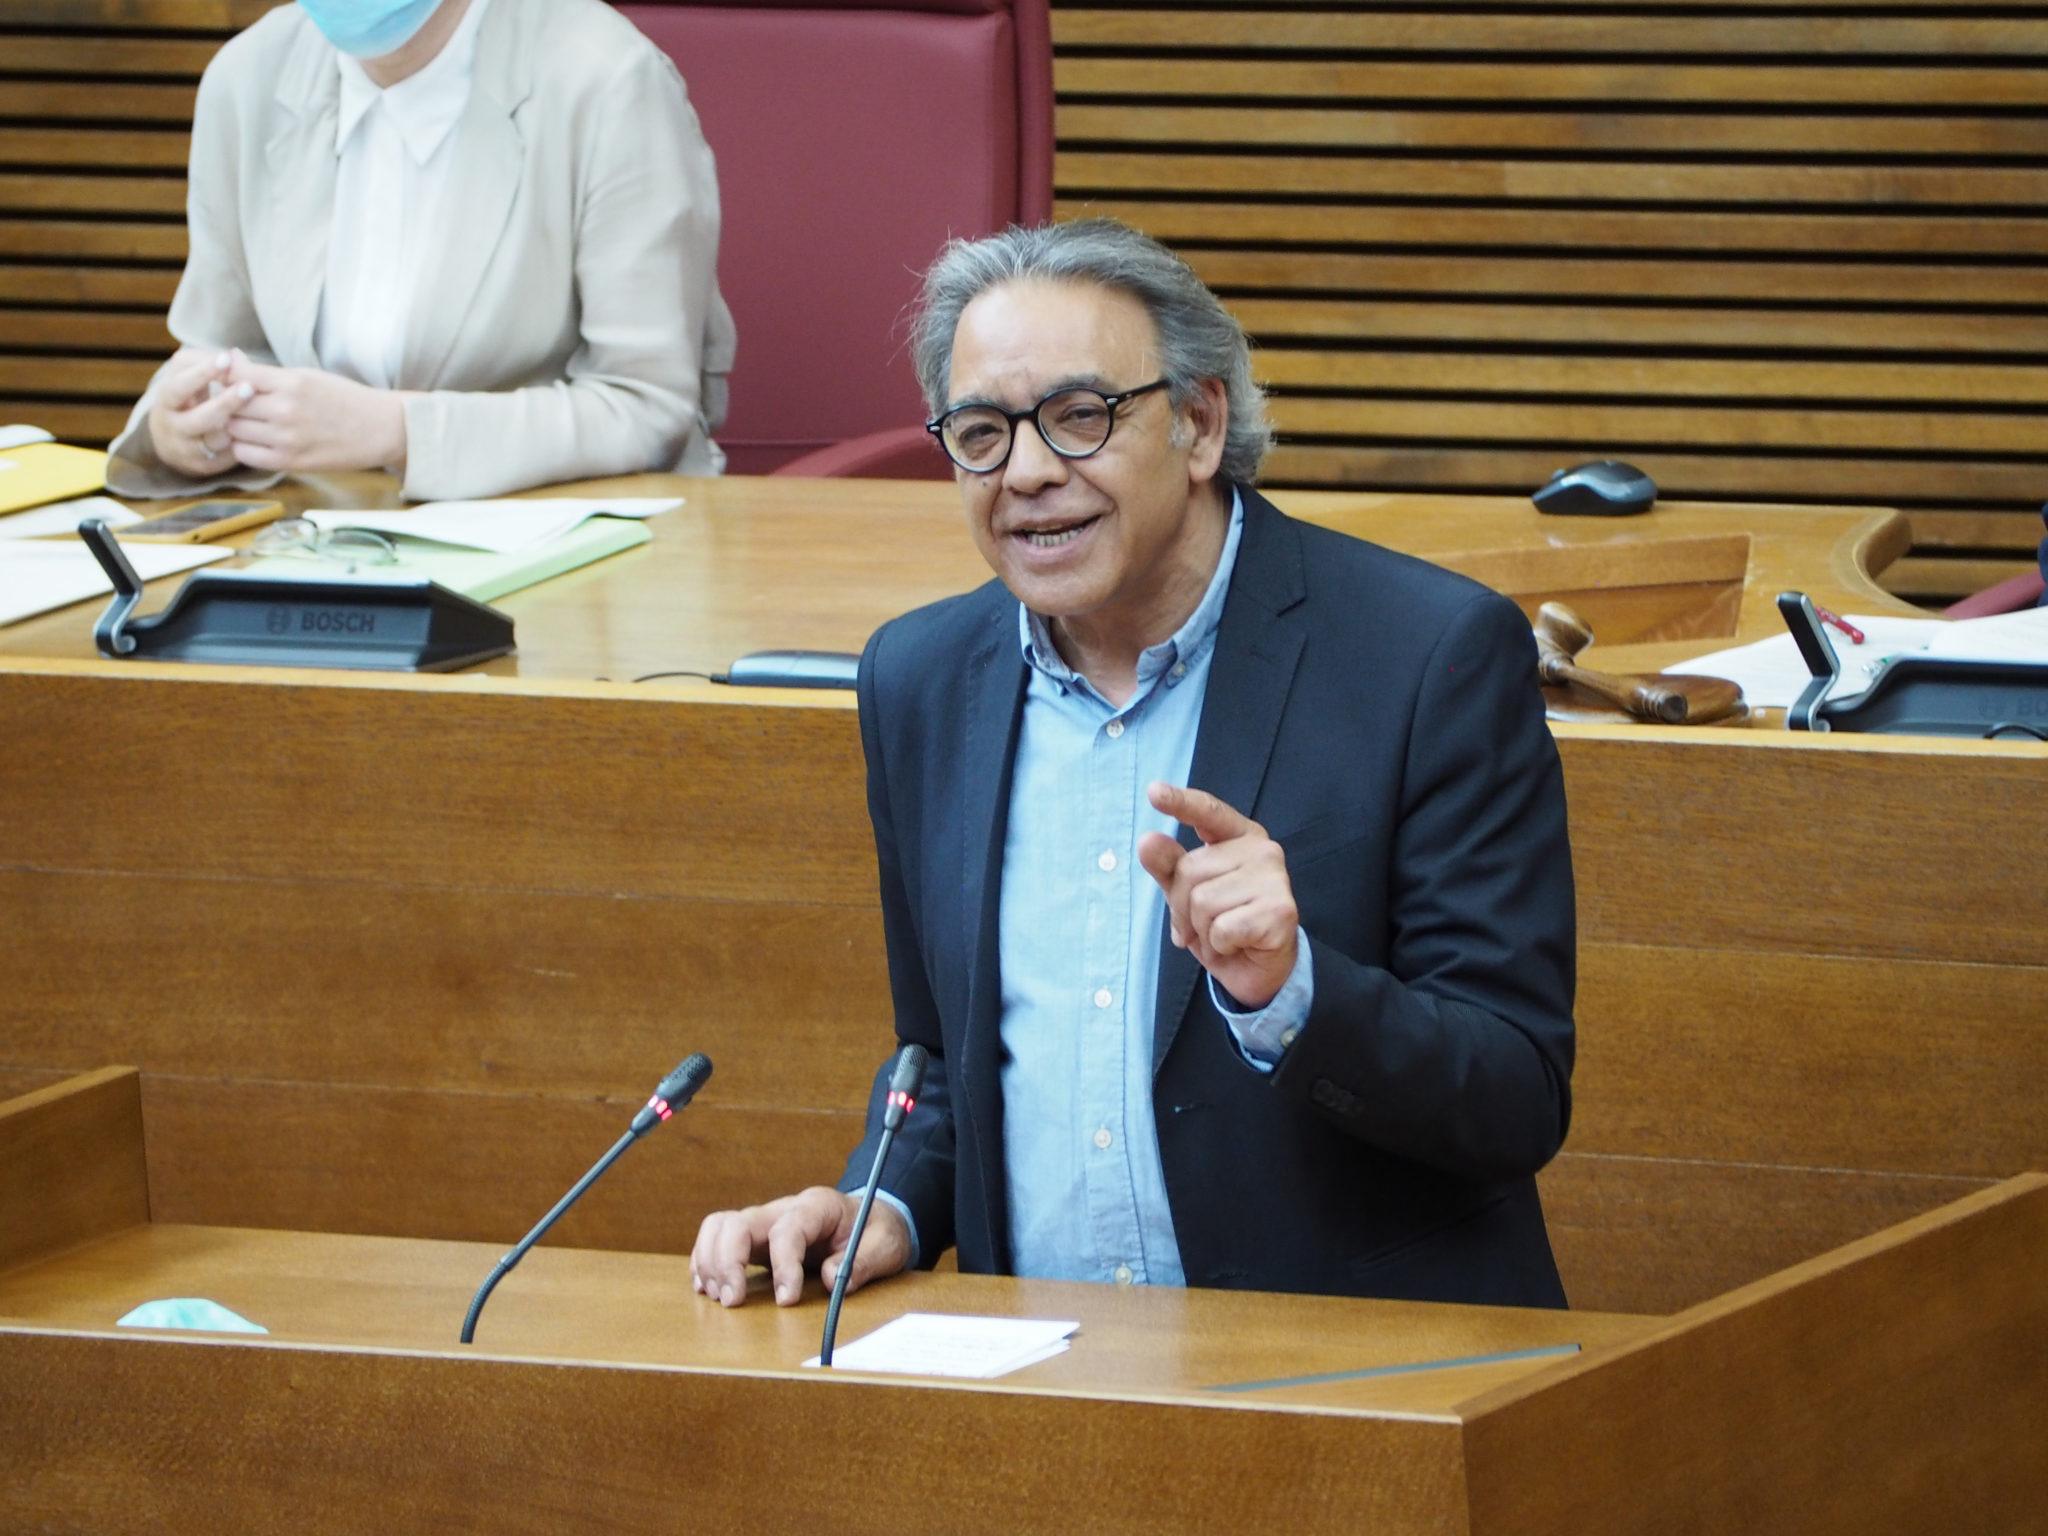 """Mata: """"El Consell de Ximo Puig escolta: la Comunitat Valenciana ha sigut la primera en presentar 410 projectes per a la recuperació a través de fons europeus"""""""